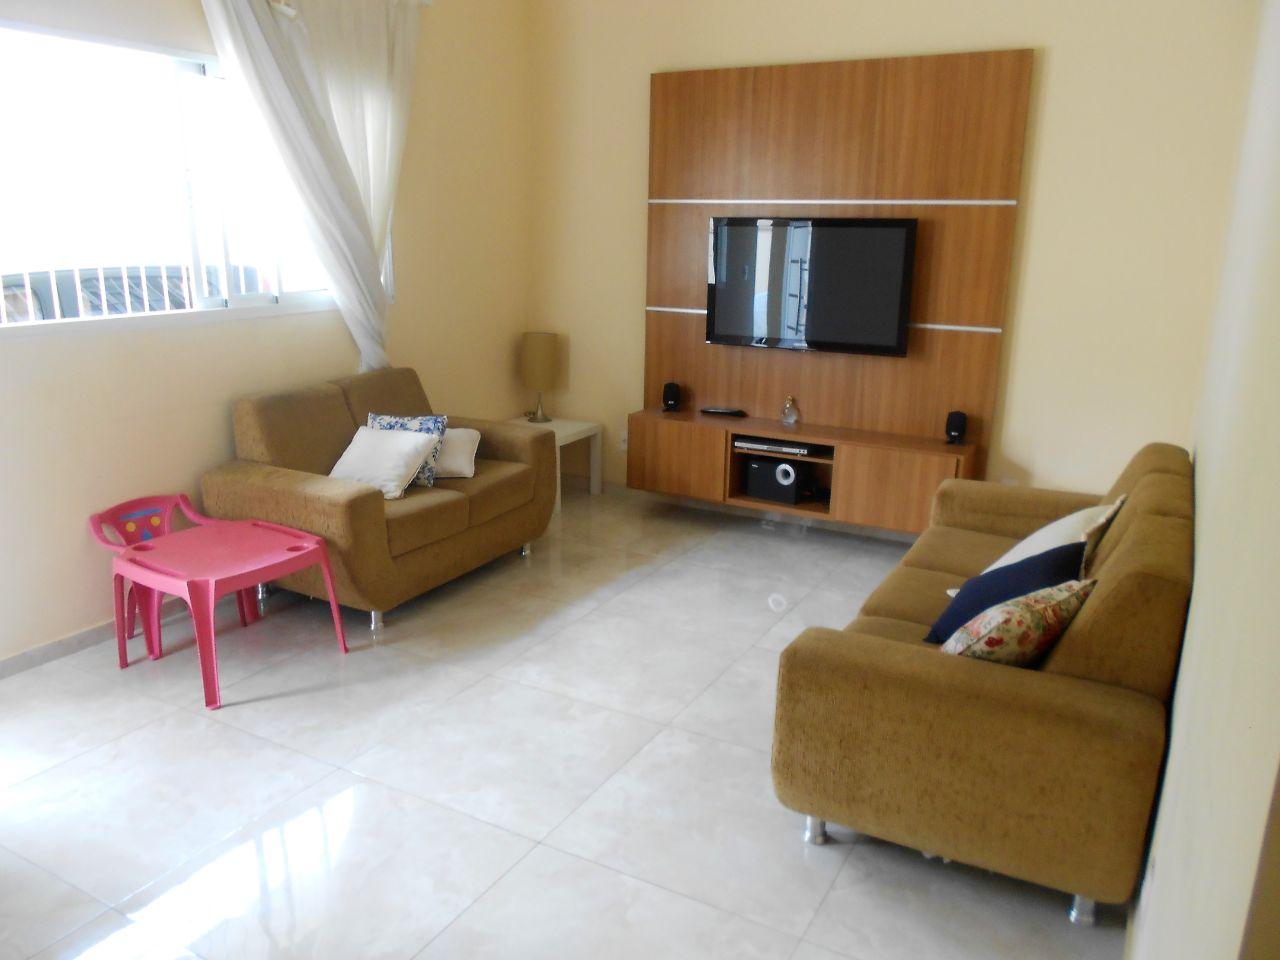 Casa para Venda com 3 quartos em Alto Barroca, Belo Horizonte - COD: 959